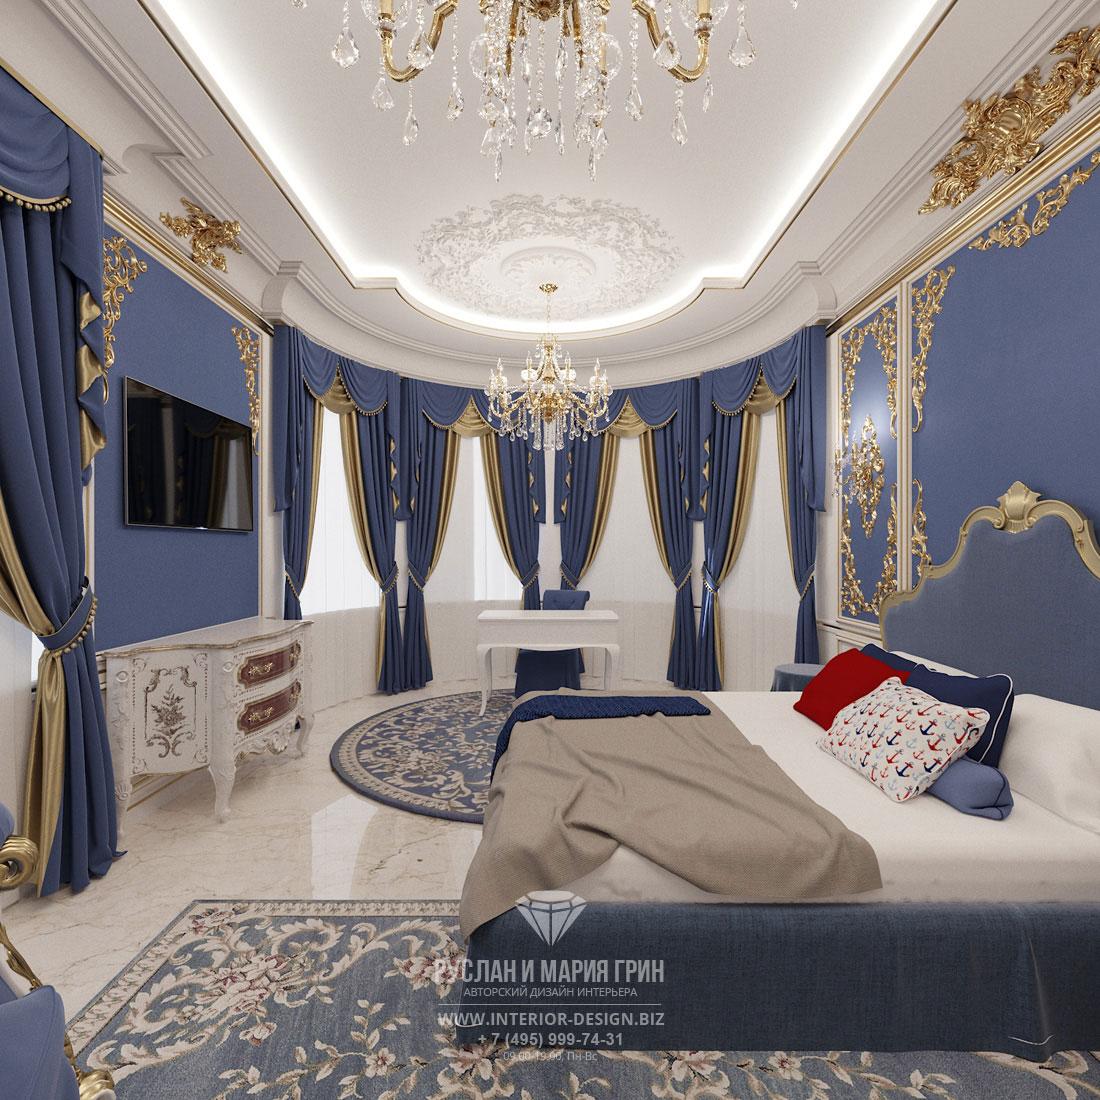 Дизайн интерьера спальни для мальчика в загородном доме в классическом стиле